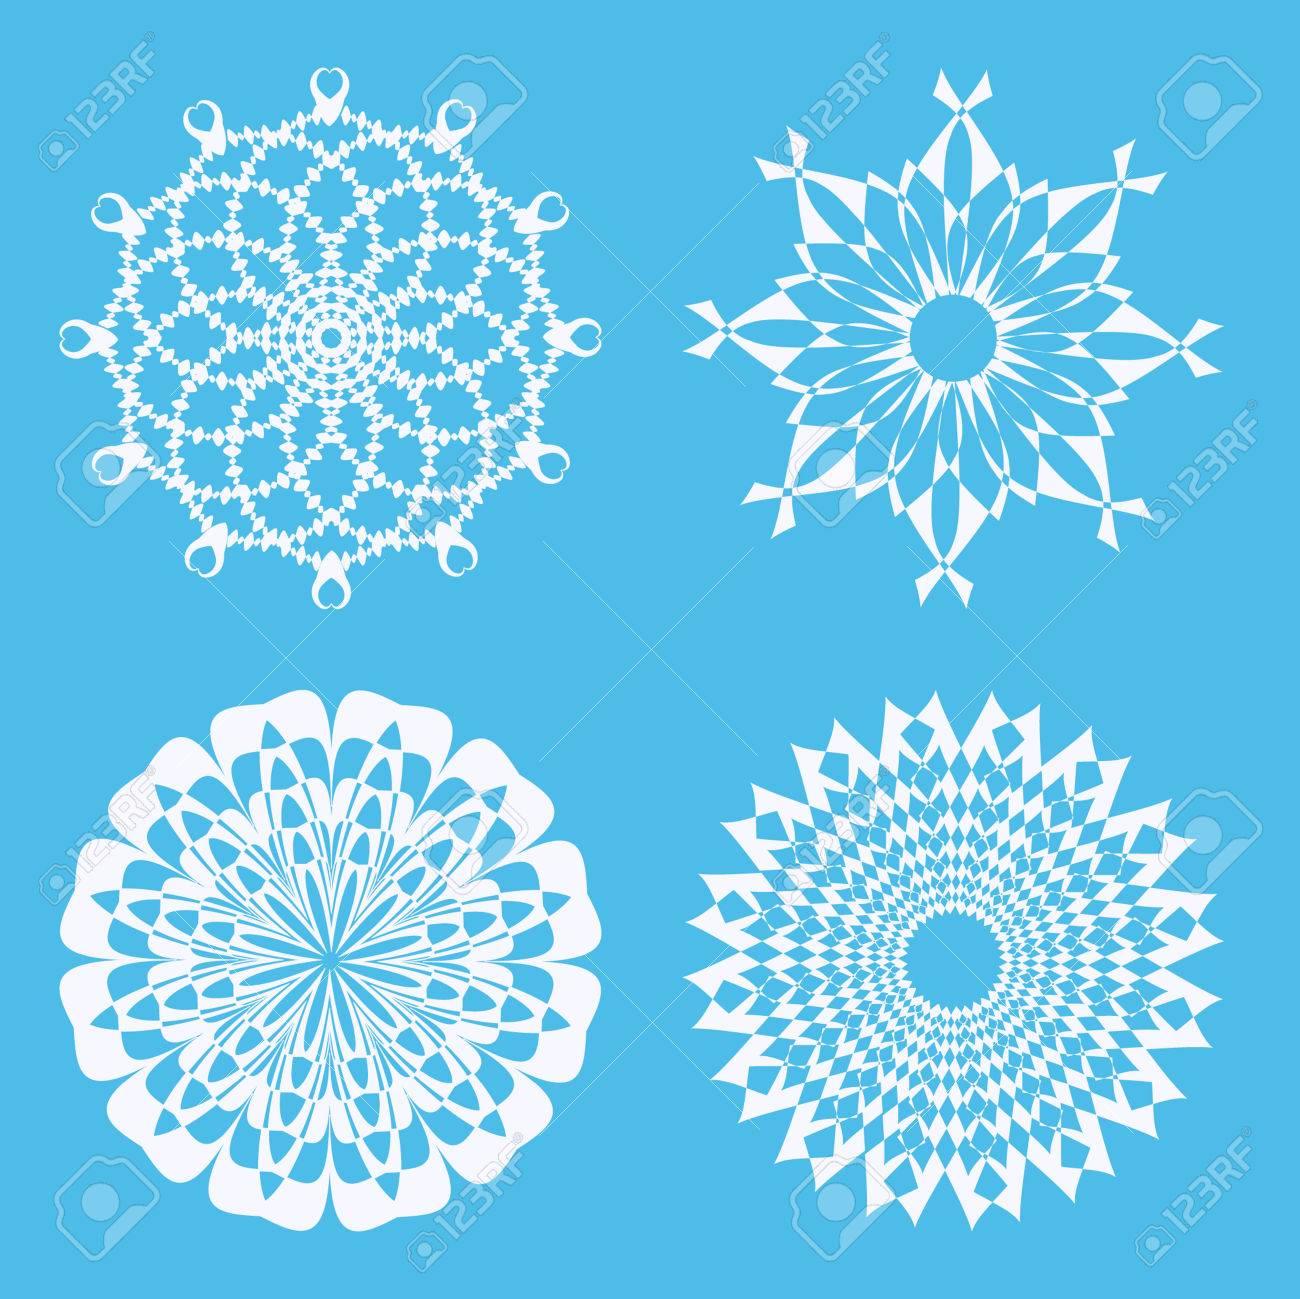 vector set of abstract circular patterns royalty free cliparts